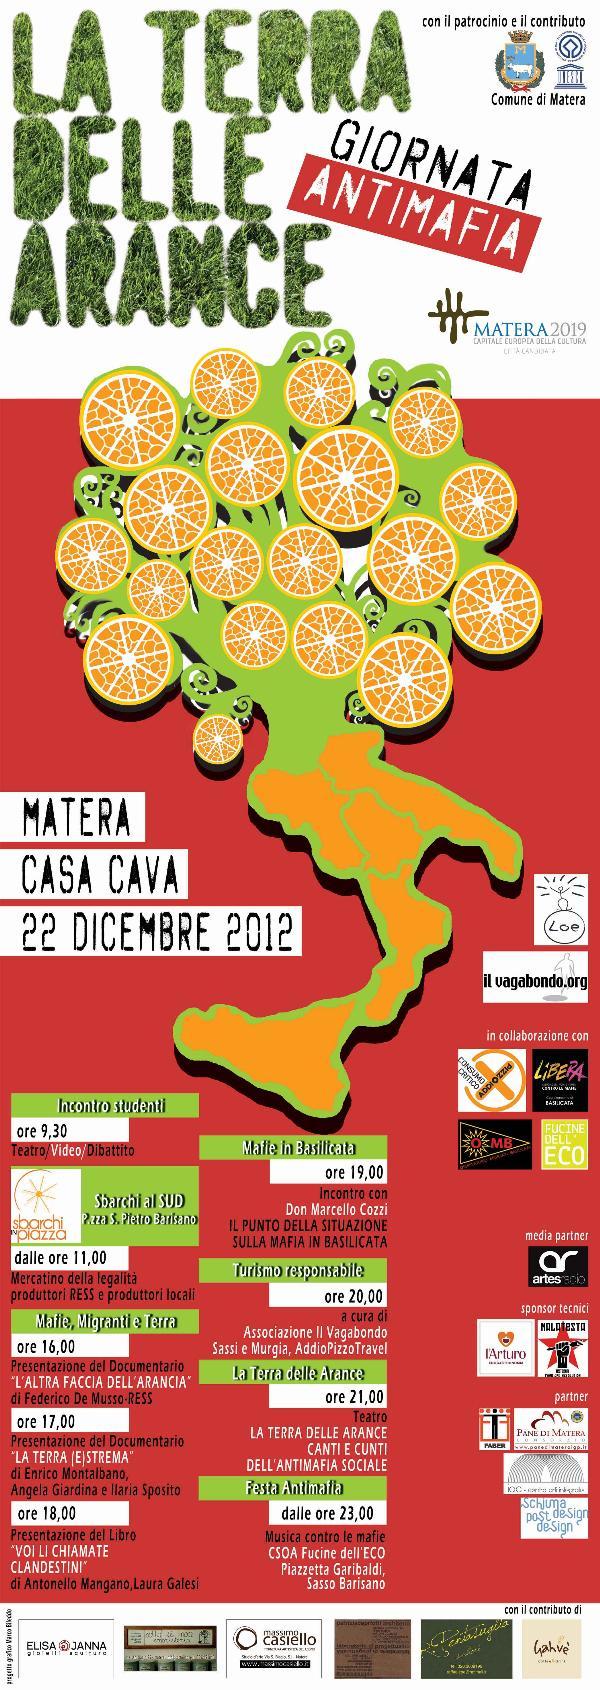 LA TERRA DELLE ARANCE - 22 dicembre 2012